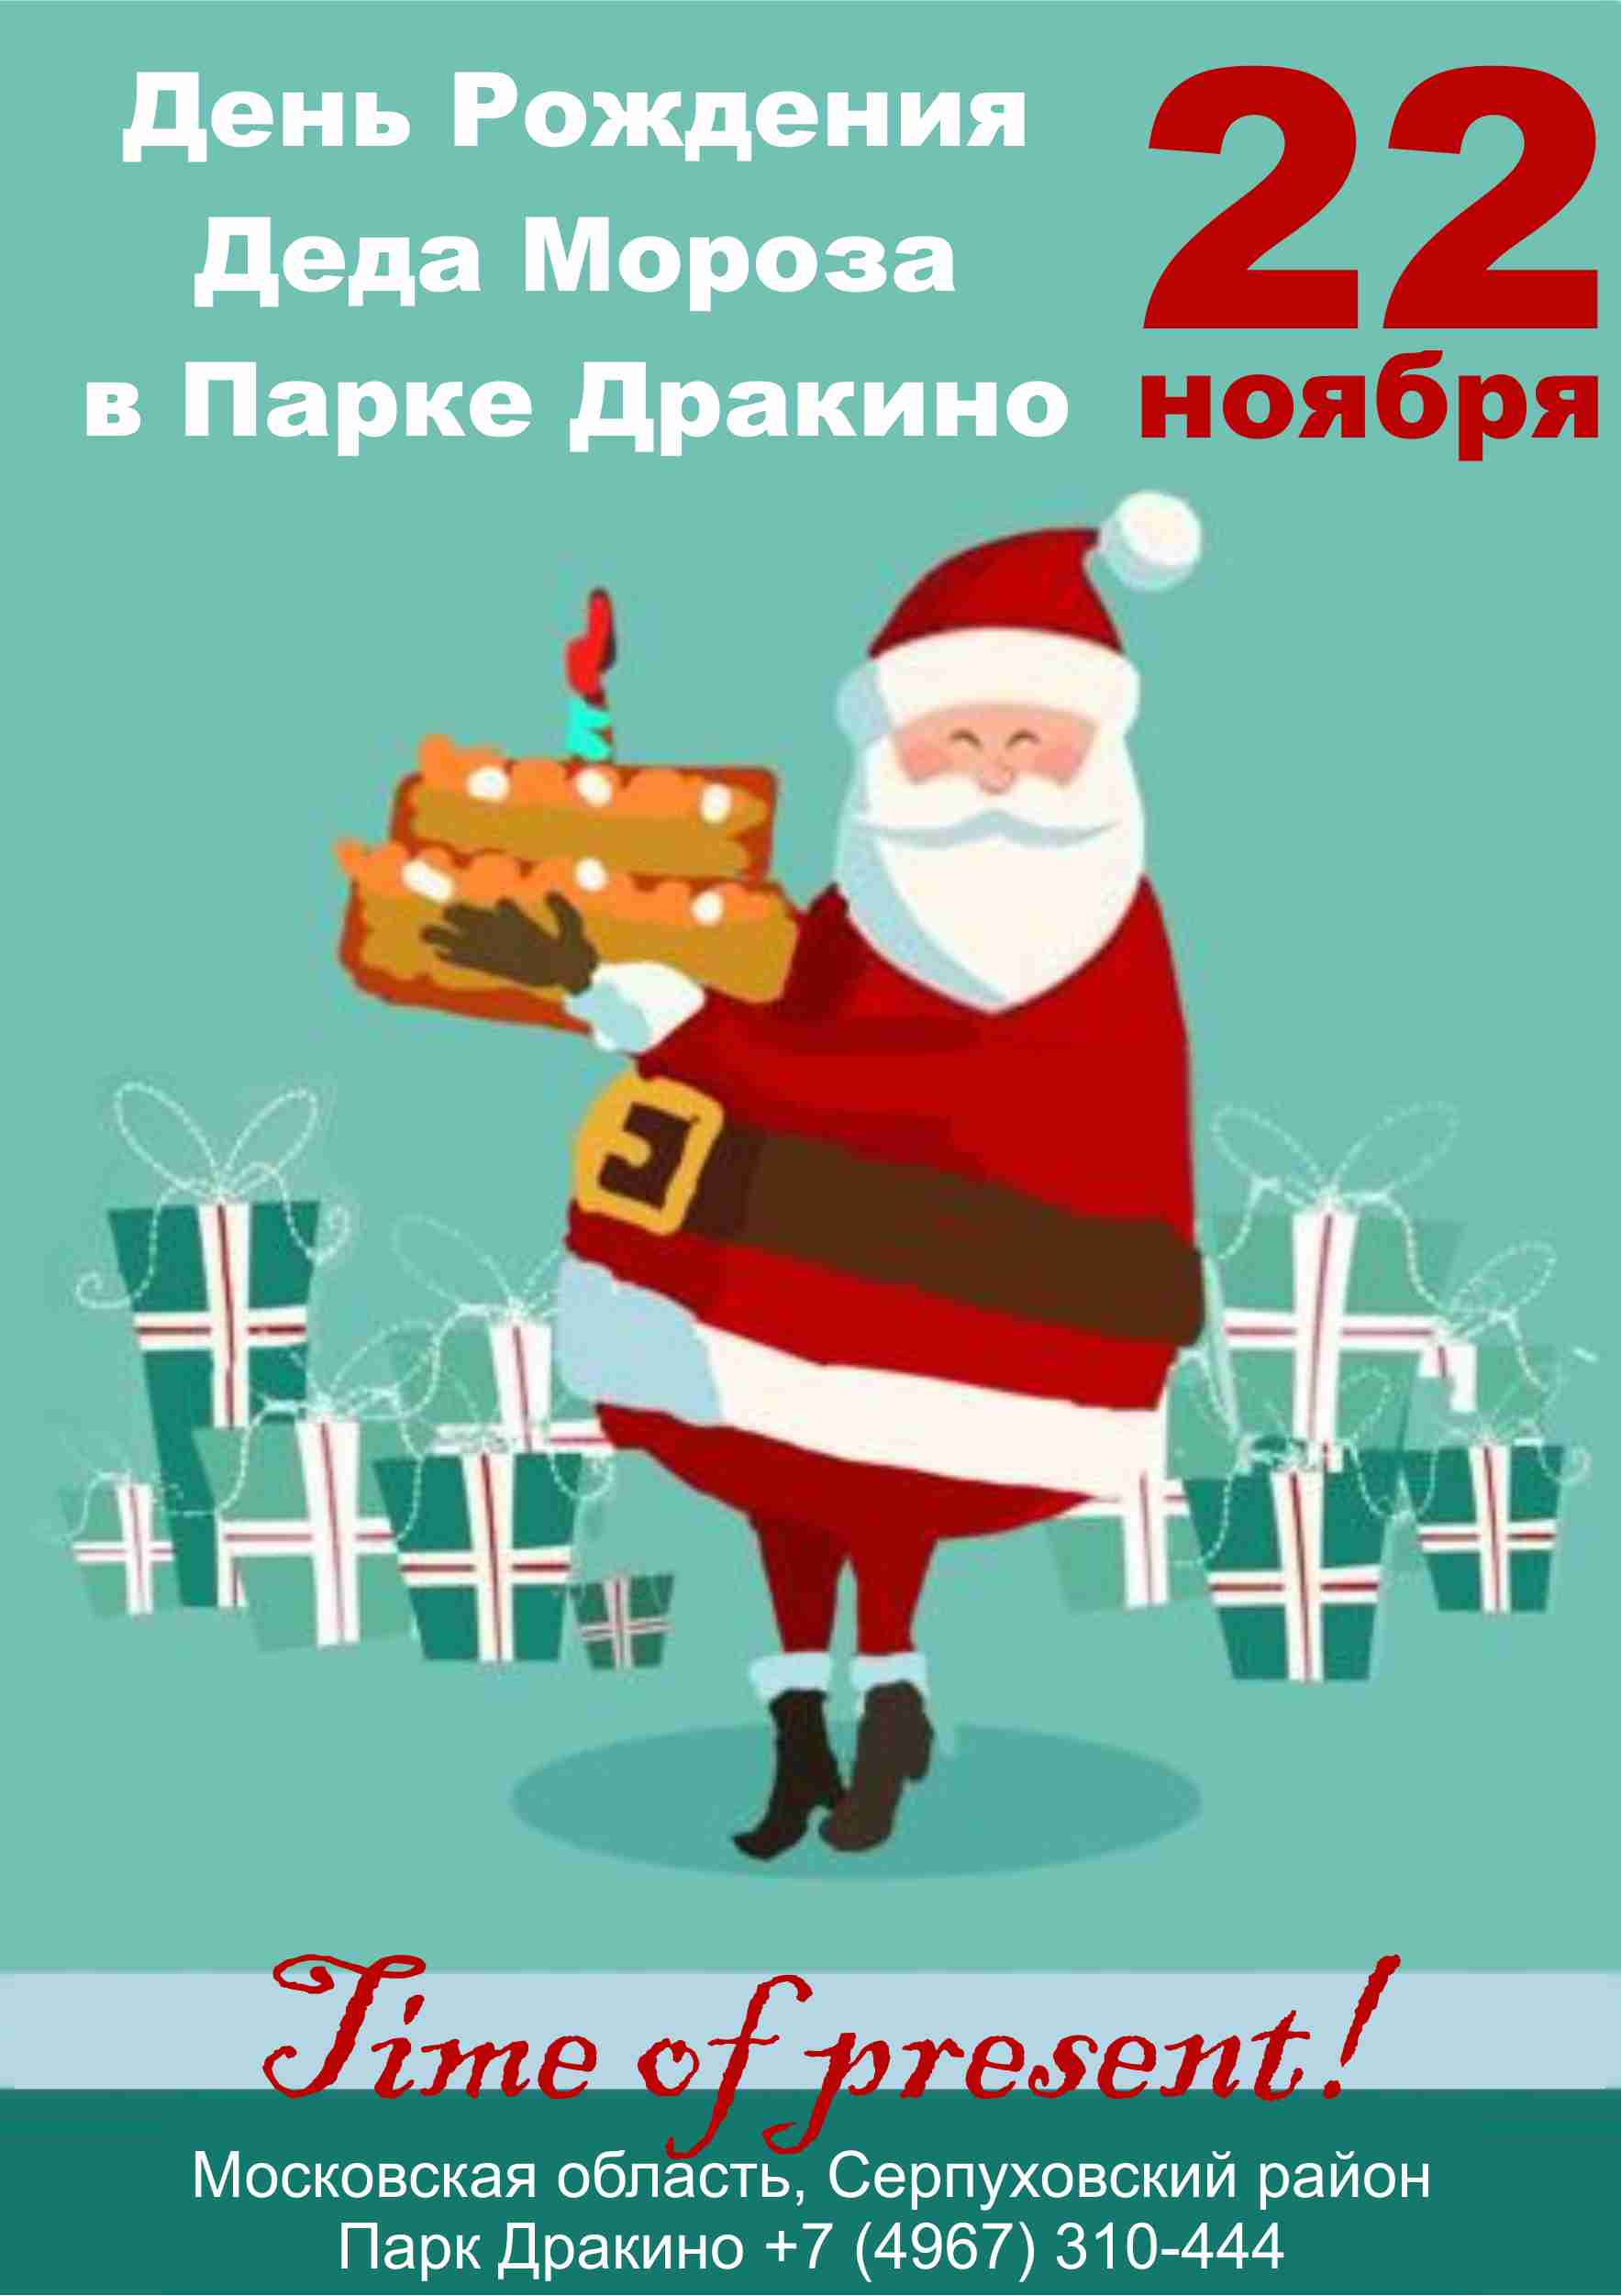 смешные подарки и поздравления от деда мороза снимать то